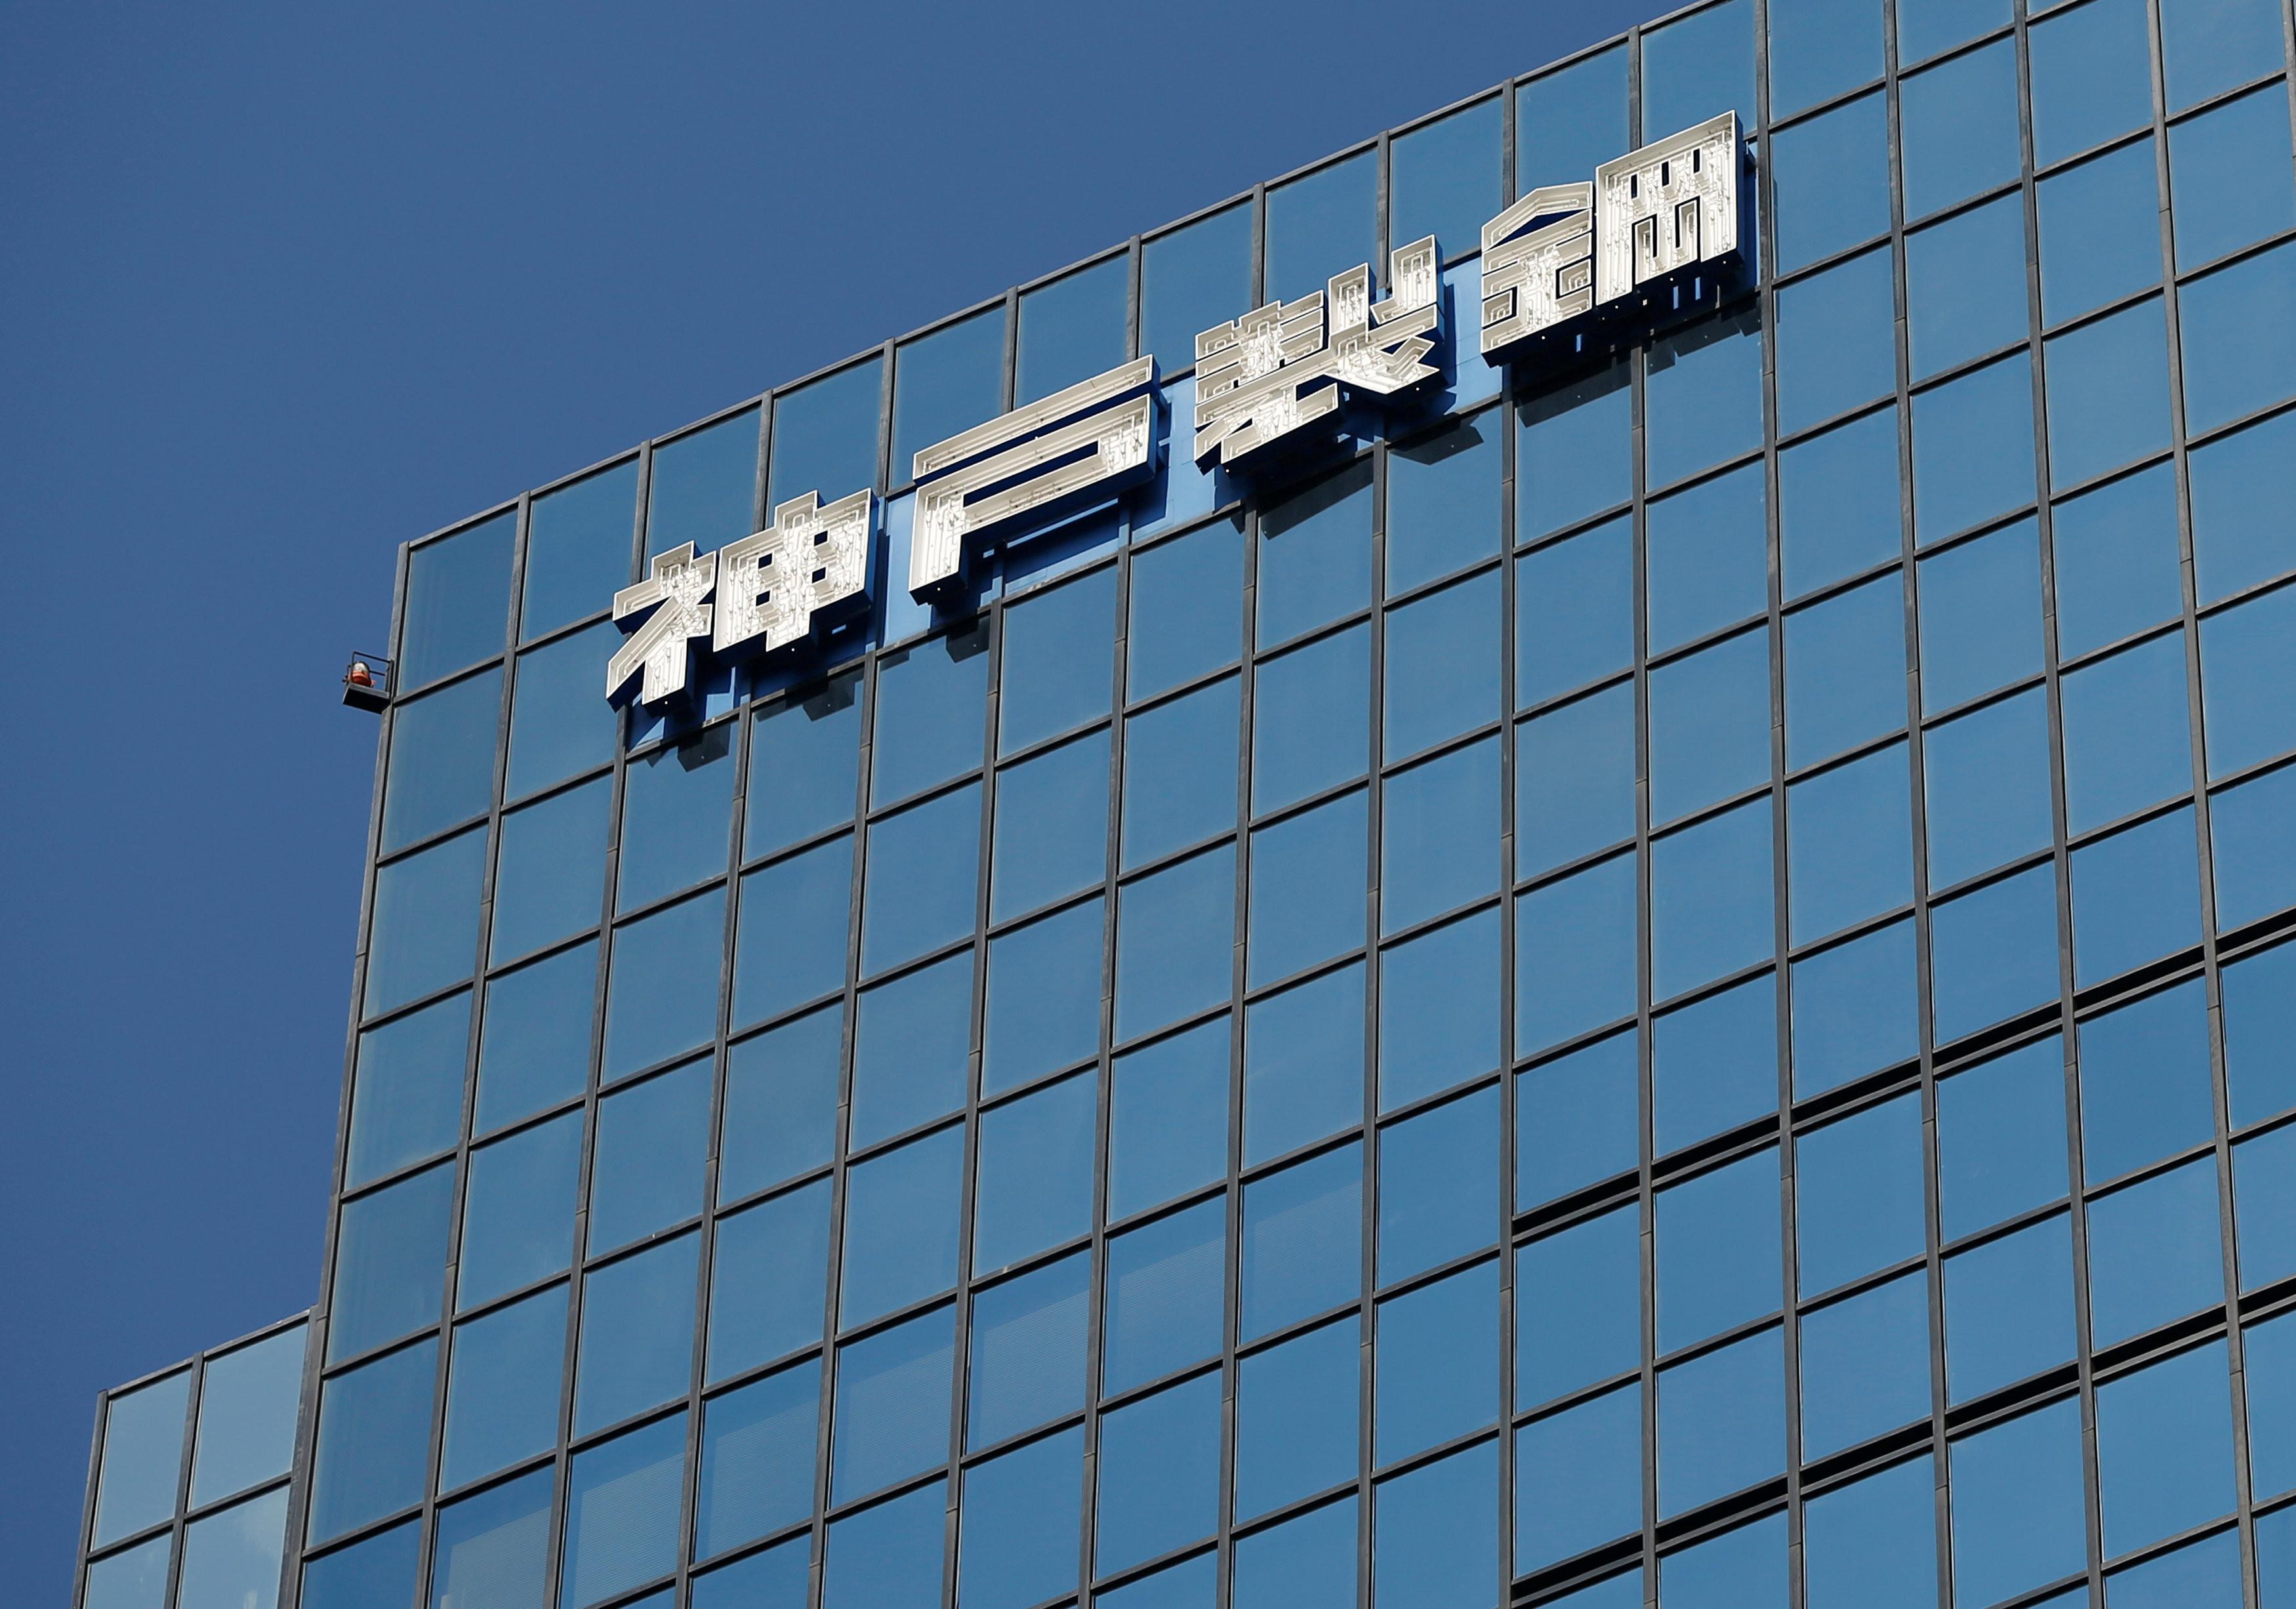 ▲▼日本神戶製鋼所爆發造假醜聞,將問題產品賣給200多個公司,連防衛產業也受到影響。(圖/路透社)